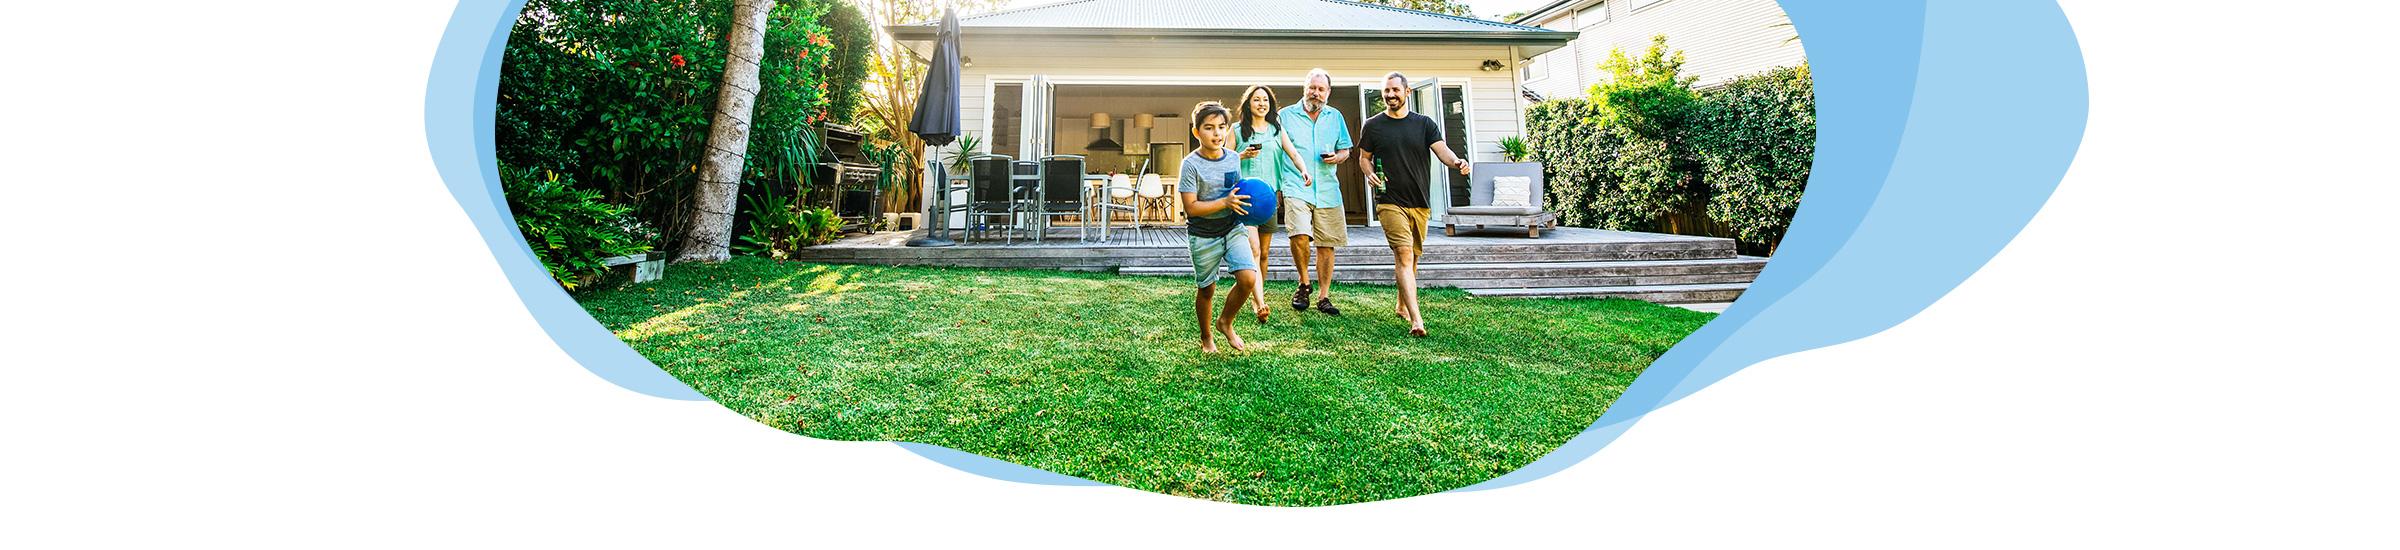 Familie im Garten - Was kann man zuhause machen?